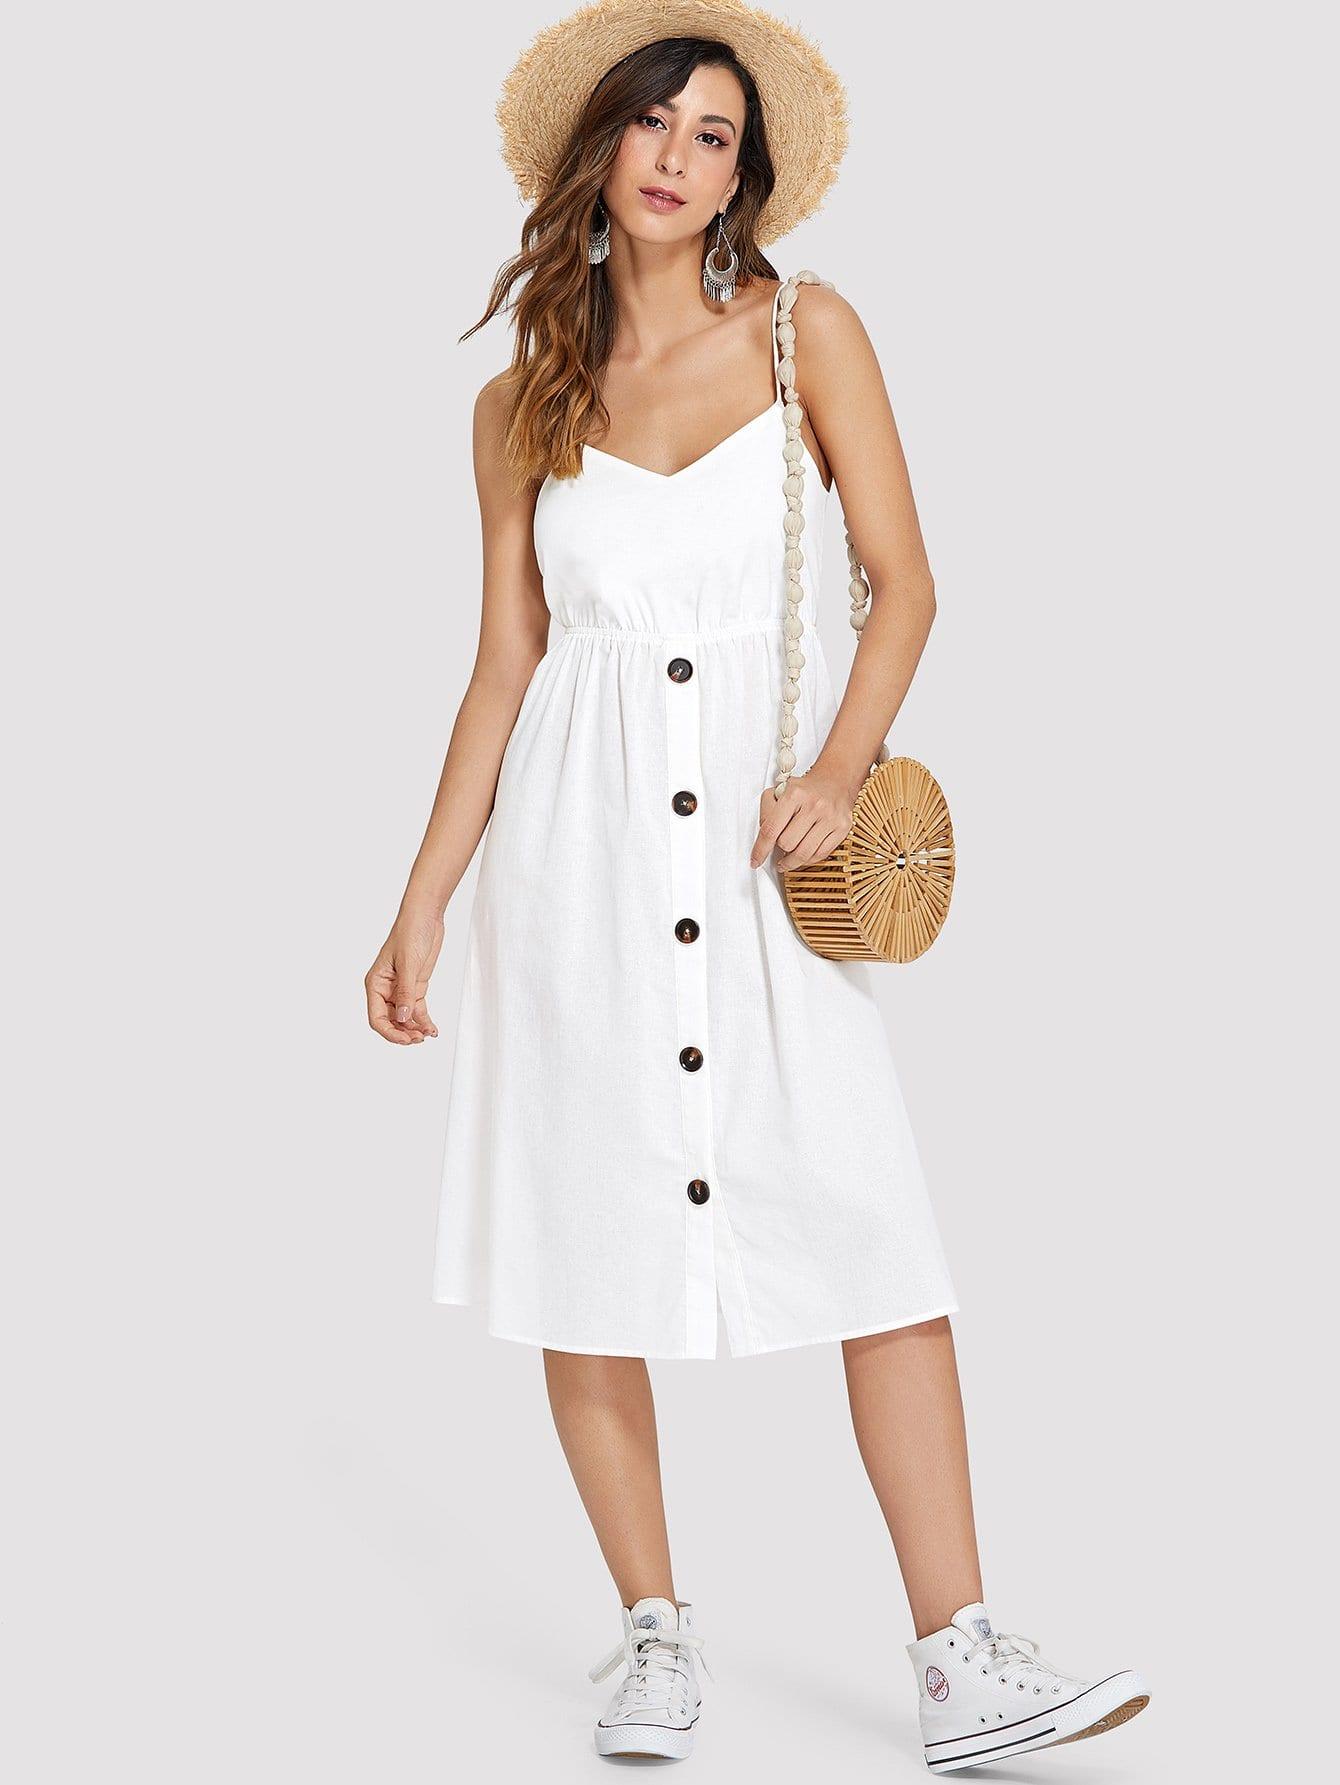 Платье с пуговицами и вырезами, Gabe, SheIn  - купить со скидкой